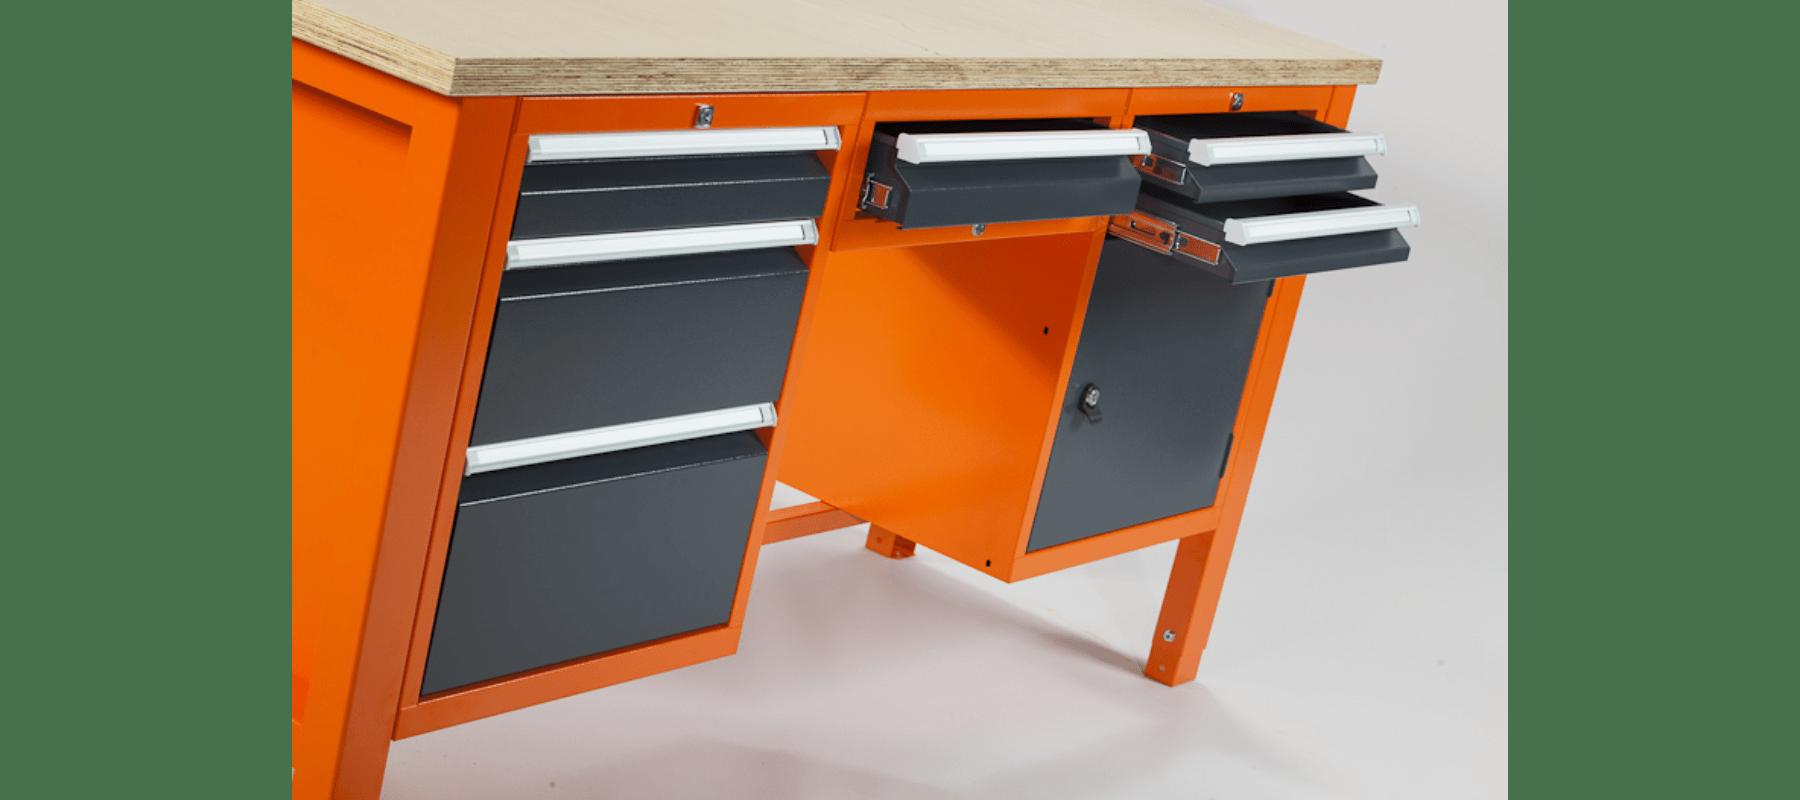 meble warsztatowe stoły warsztatowe mw detale - 02